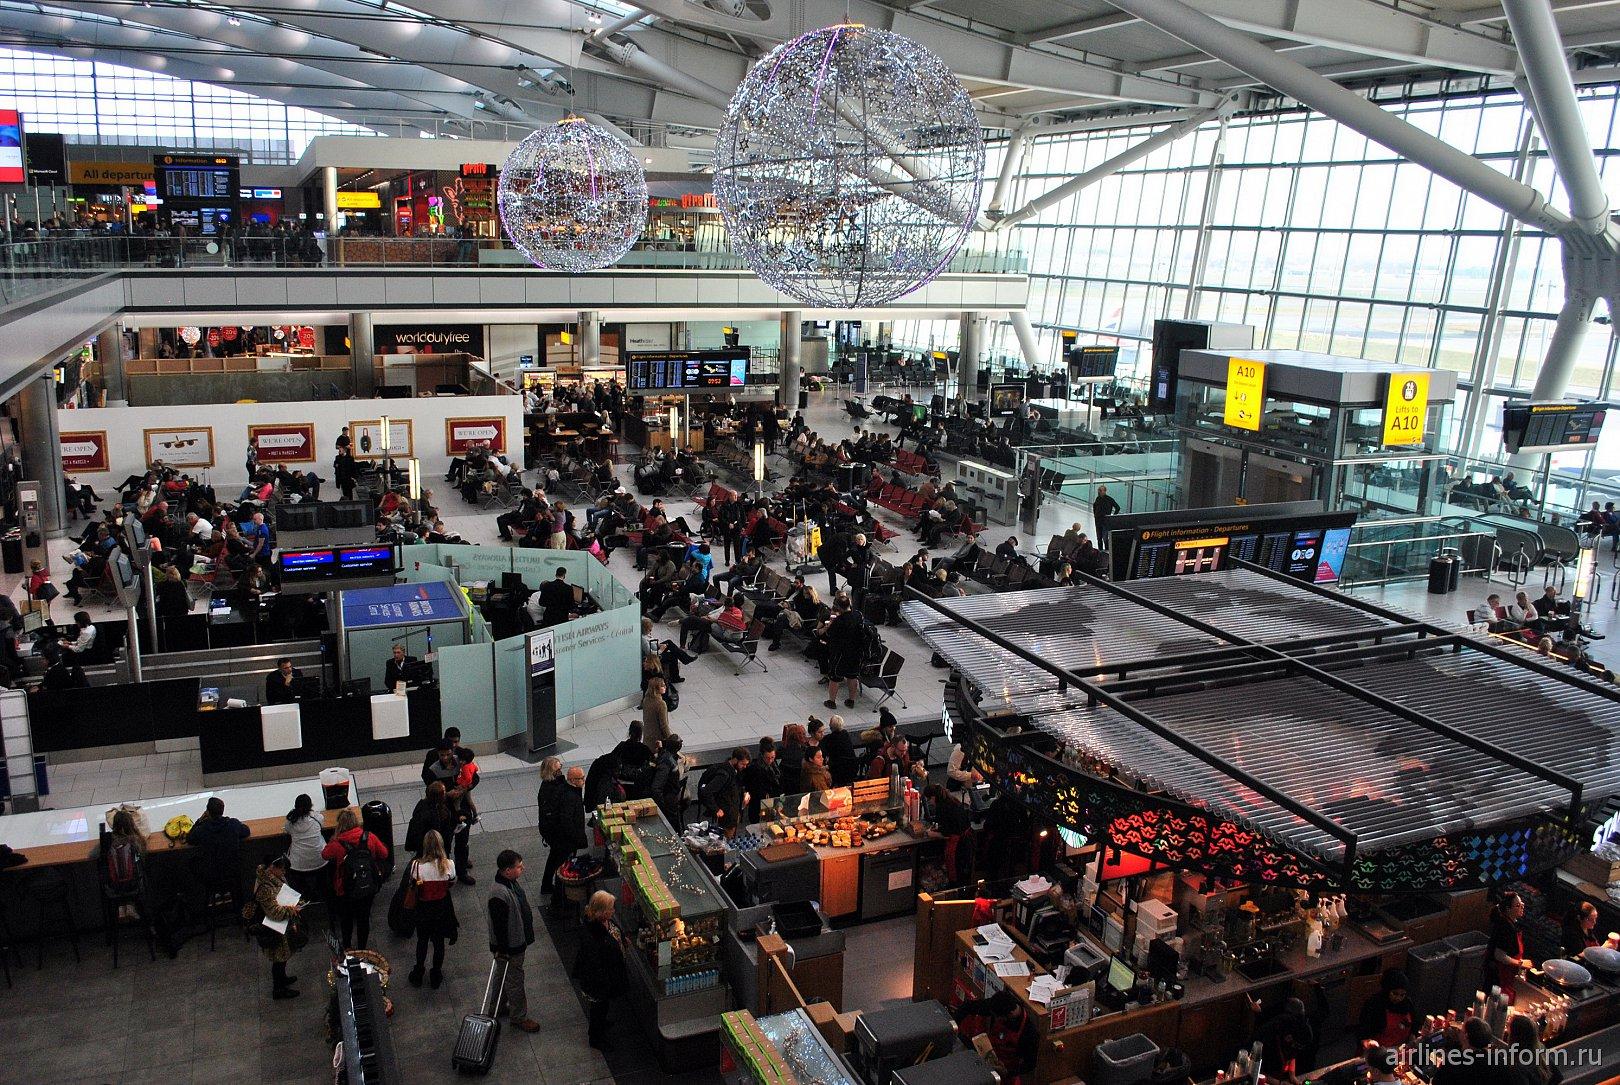 чистой зоне терминала Т5А аэропорта Лондон Хитроу